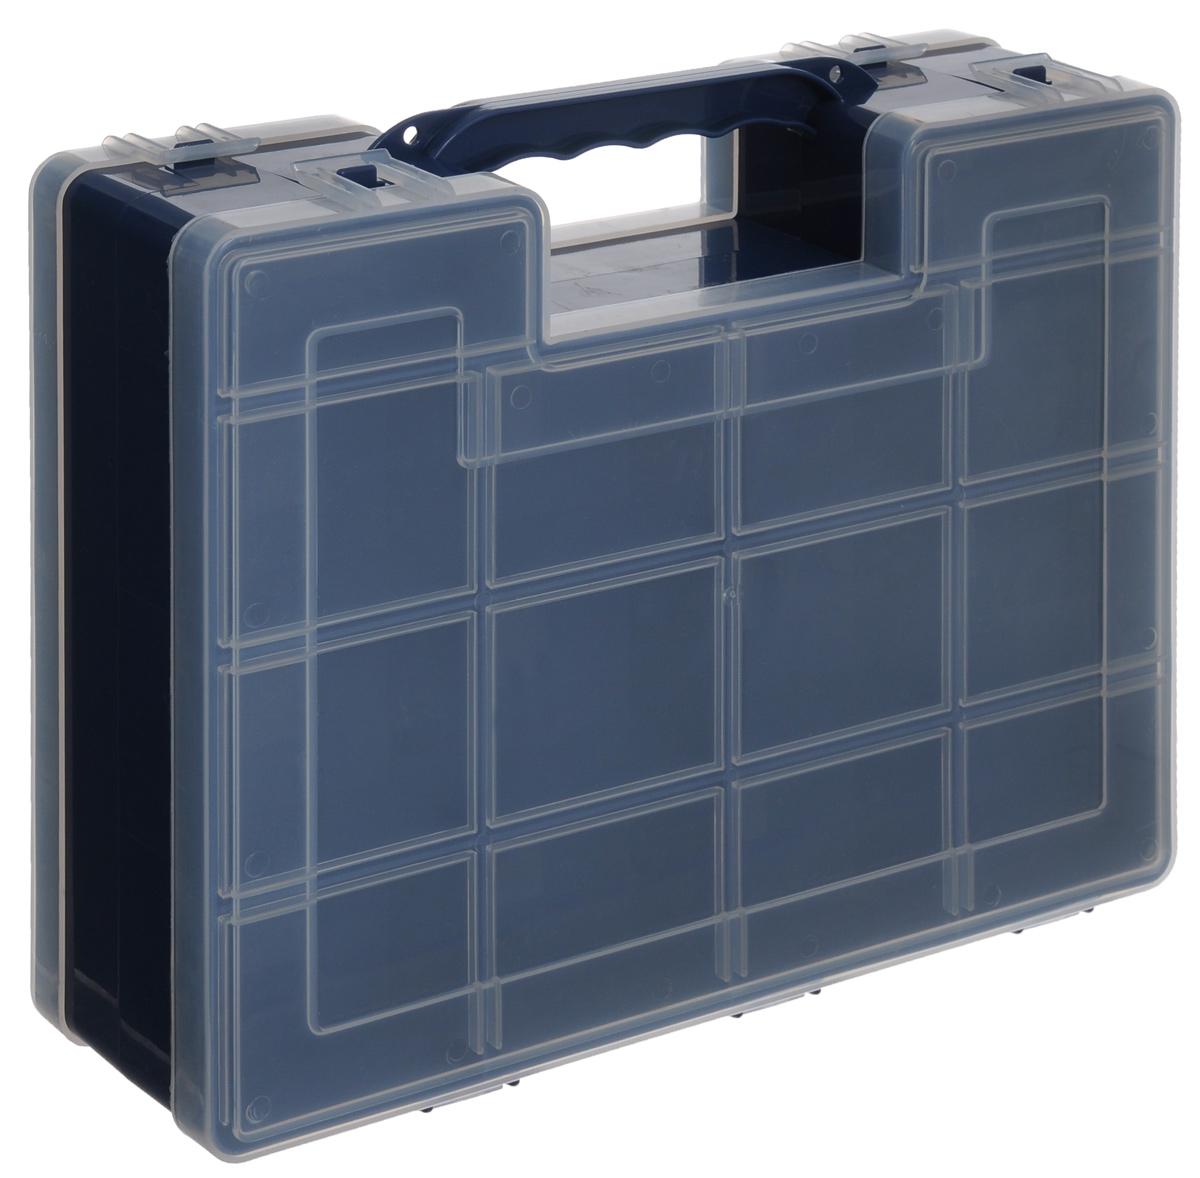 Органайзер для инструментов Idea, двухсторонний, цвет: синий, 27,2 см х 21,7 см х 6,7 смБрелок для ключейДвухсторонний органайзер Idea, изготовленный из пластика, выполнен в форме кейса. Органайзер служит для хранения и переноски инструментов. Внутри - 14 отделений с одной стороны и 9 с другой.Органайзер надежно закрывается при помощи пластмассовых защелок. Крышка выполнена из прозрачного пластика, что позволяет видеть содержимое.Размеры секций (лицевая сторона):- размер (12 секций): 6,6 см х 5,3 см х 3 см;- размер (2 секций): 8,1 см х 3,3 см х 3 см.Размеры секций (задняя сторона): - размер (2 секций): 13,2 см х 5,3 см х 3 см;- размер (1 секции): 26,6 см х 5,3 см х 3 см;- размер (4 секций): 6,6 см х 5,3 см х 3 см;- размер (2 секций): 8,1 см х 3,3 см х 3 см.